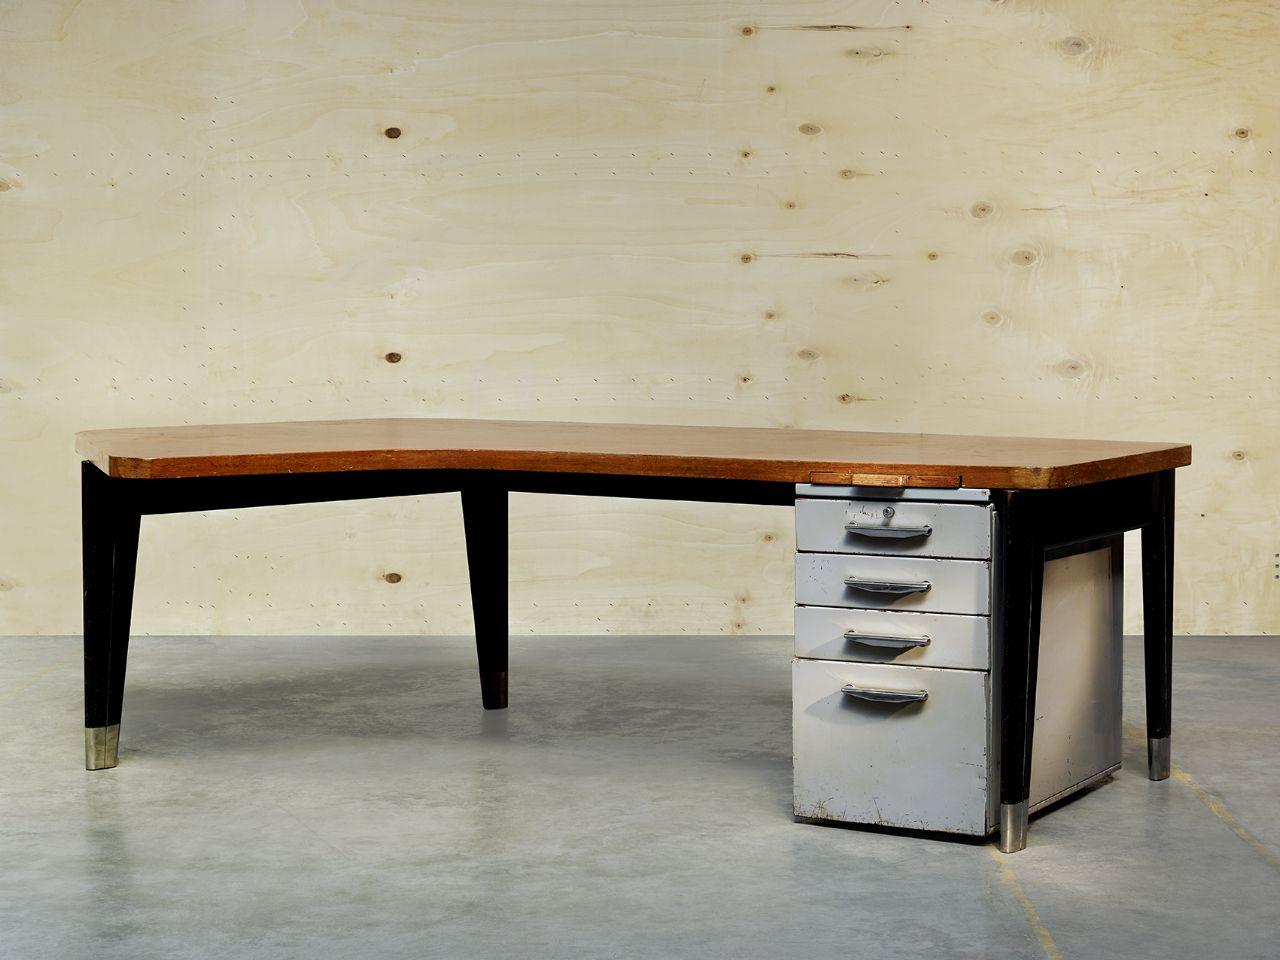 Bureau Prsidence 1952 Bureaus Desks and Interiors